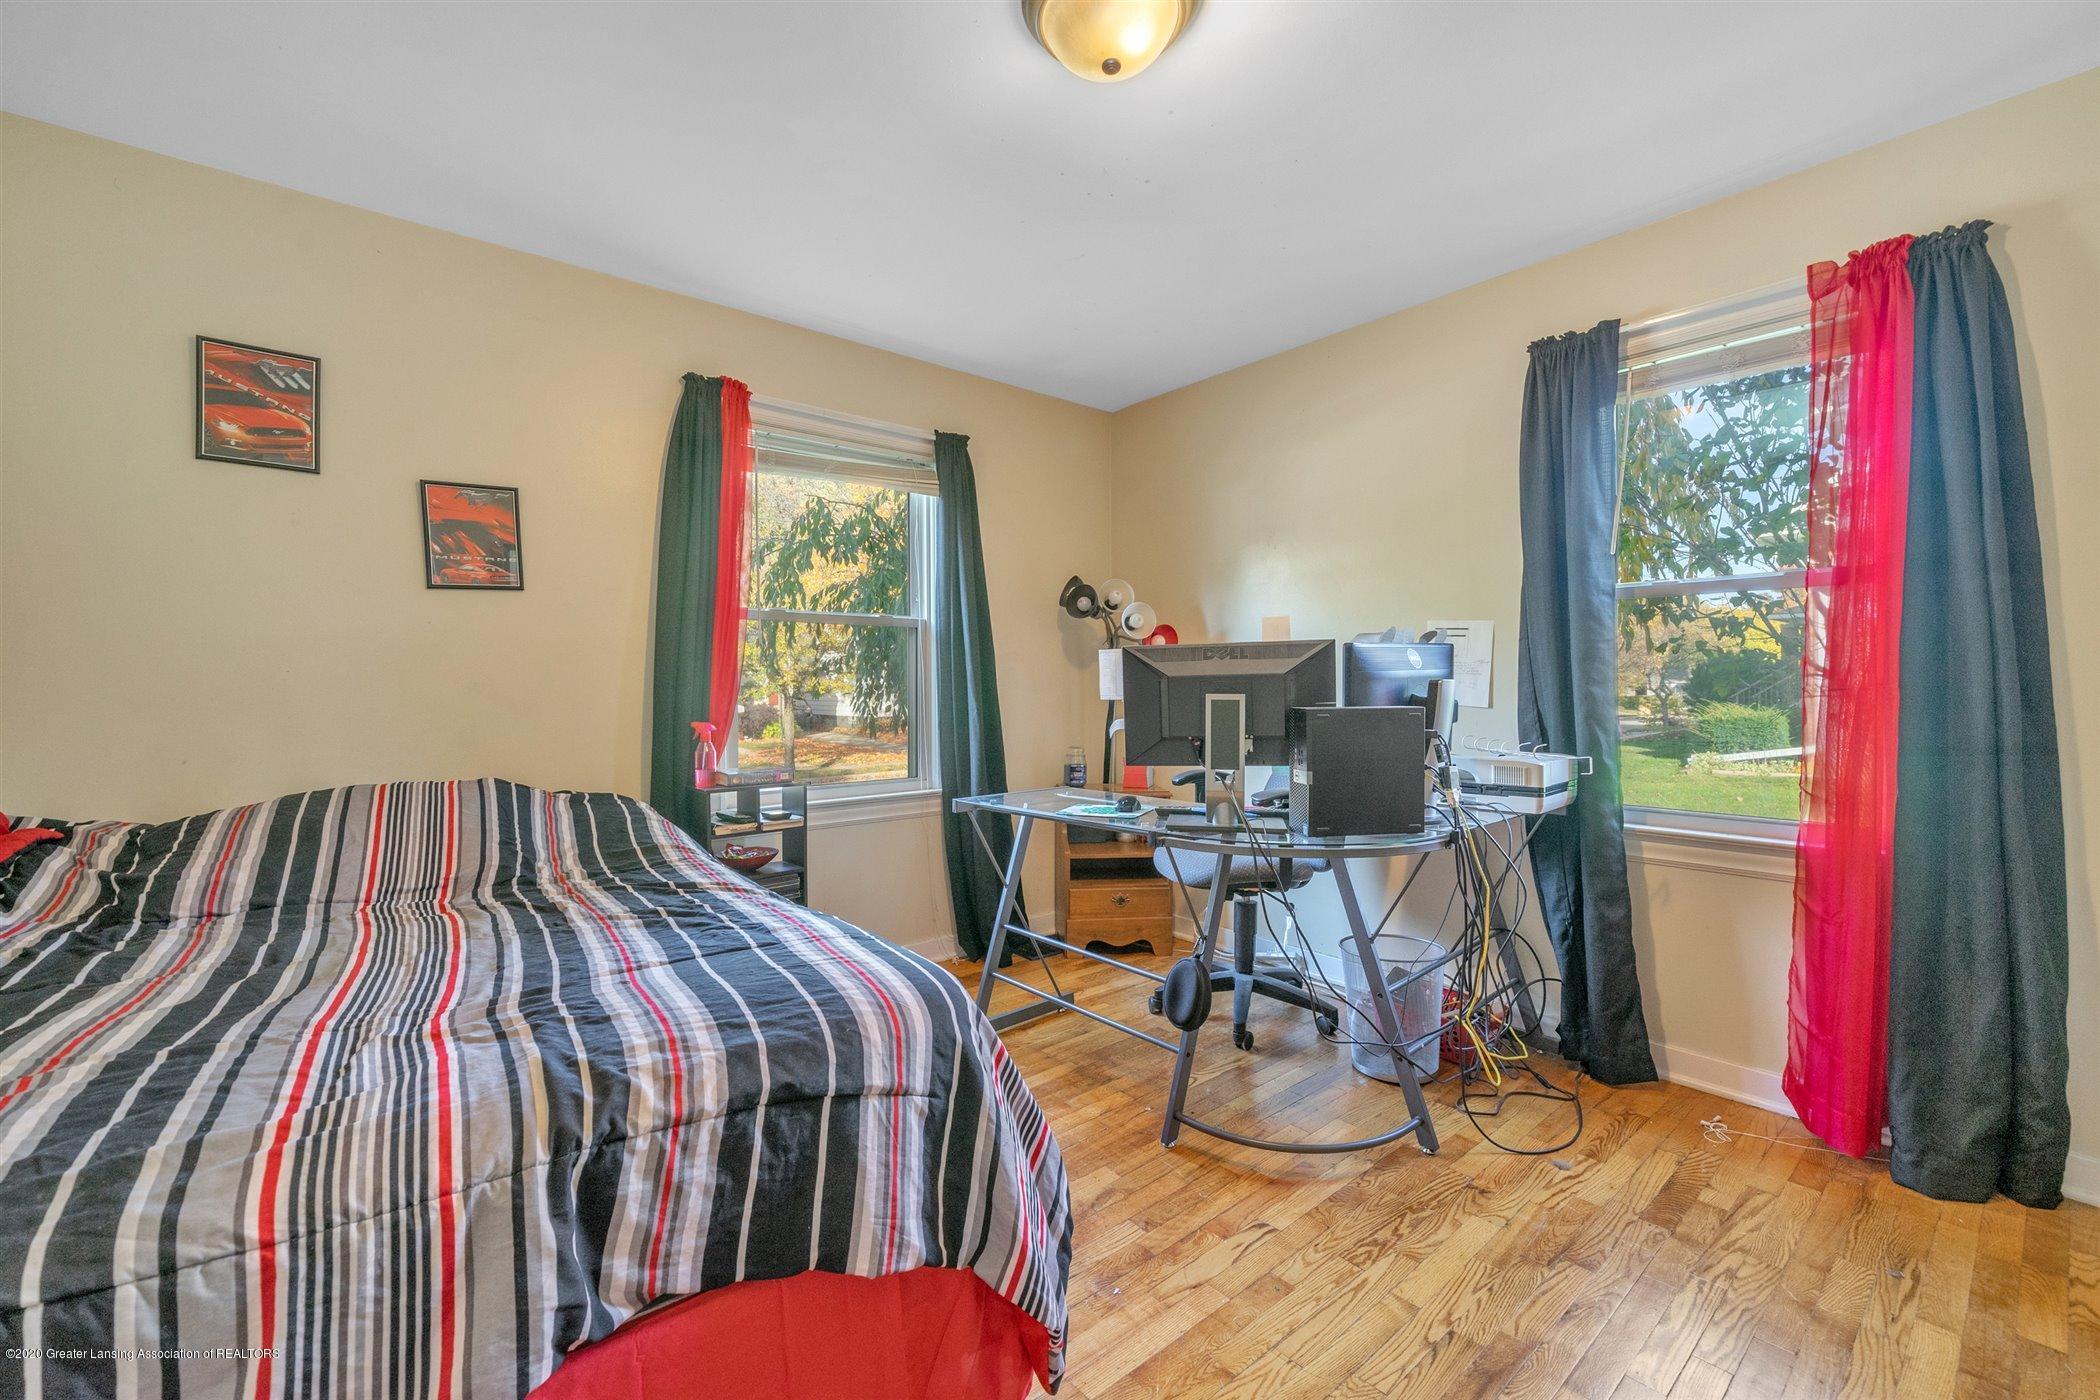 1209 Lenore Ave - 21-1209-Lenore-Ave-WindowStill-Real - 19